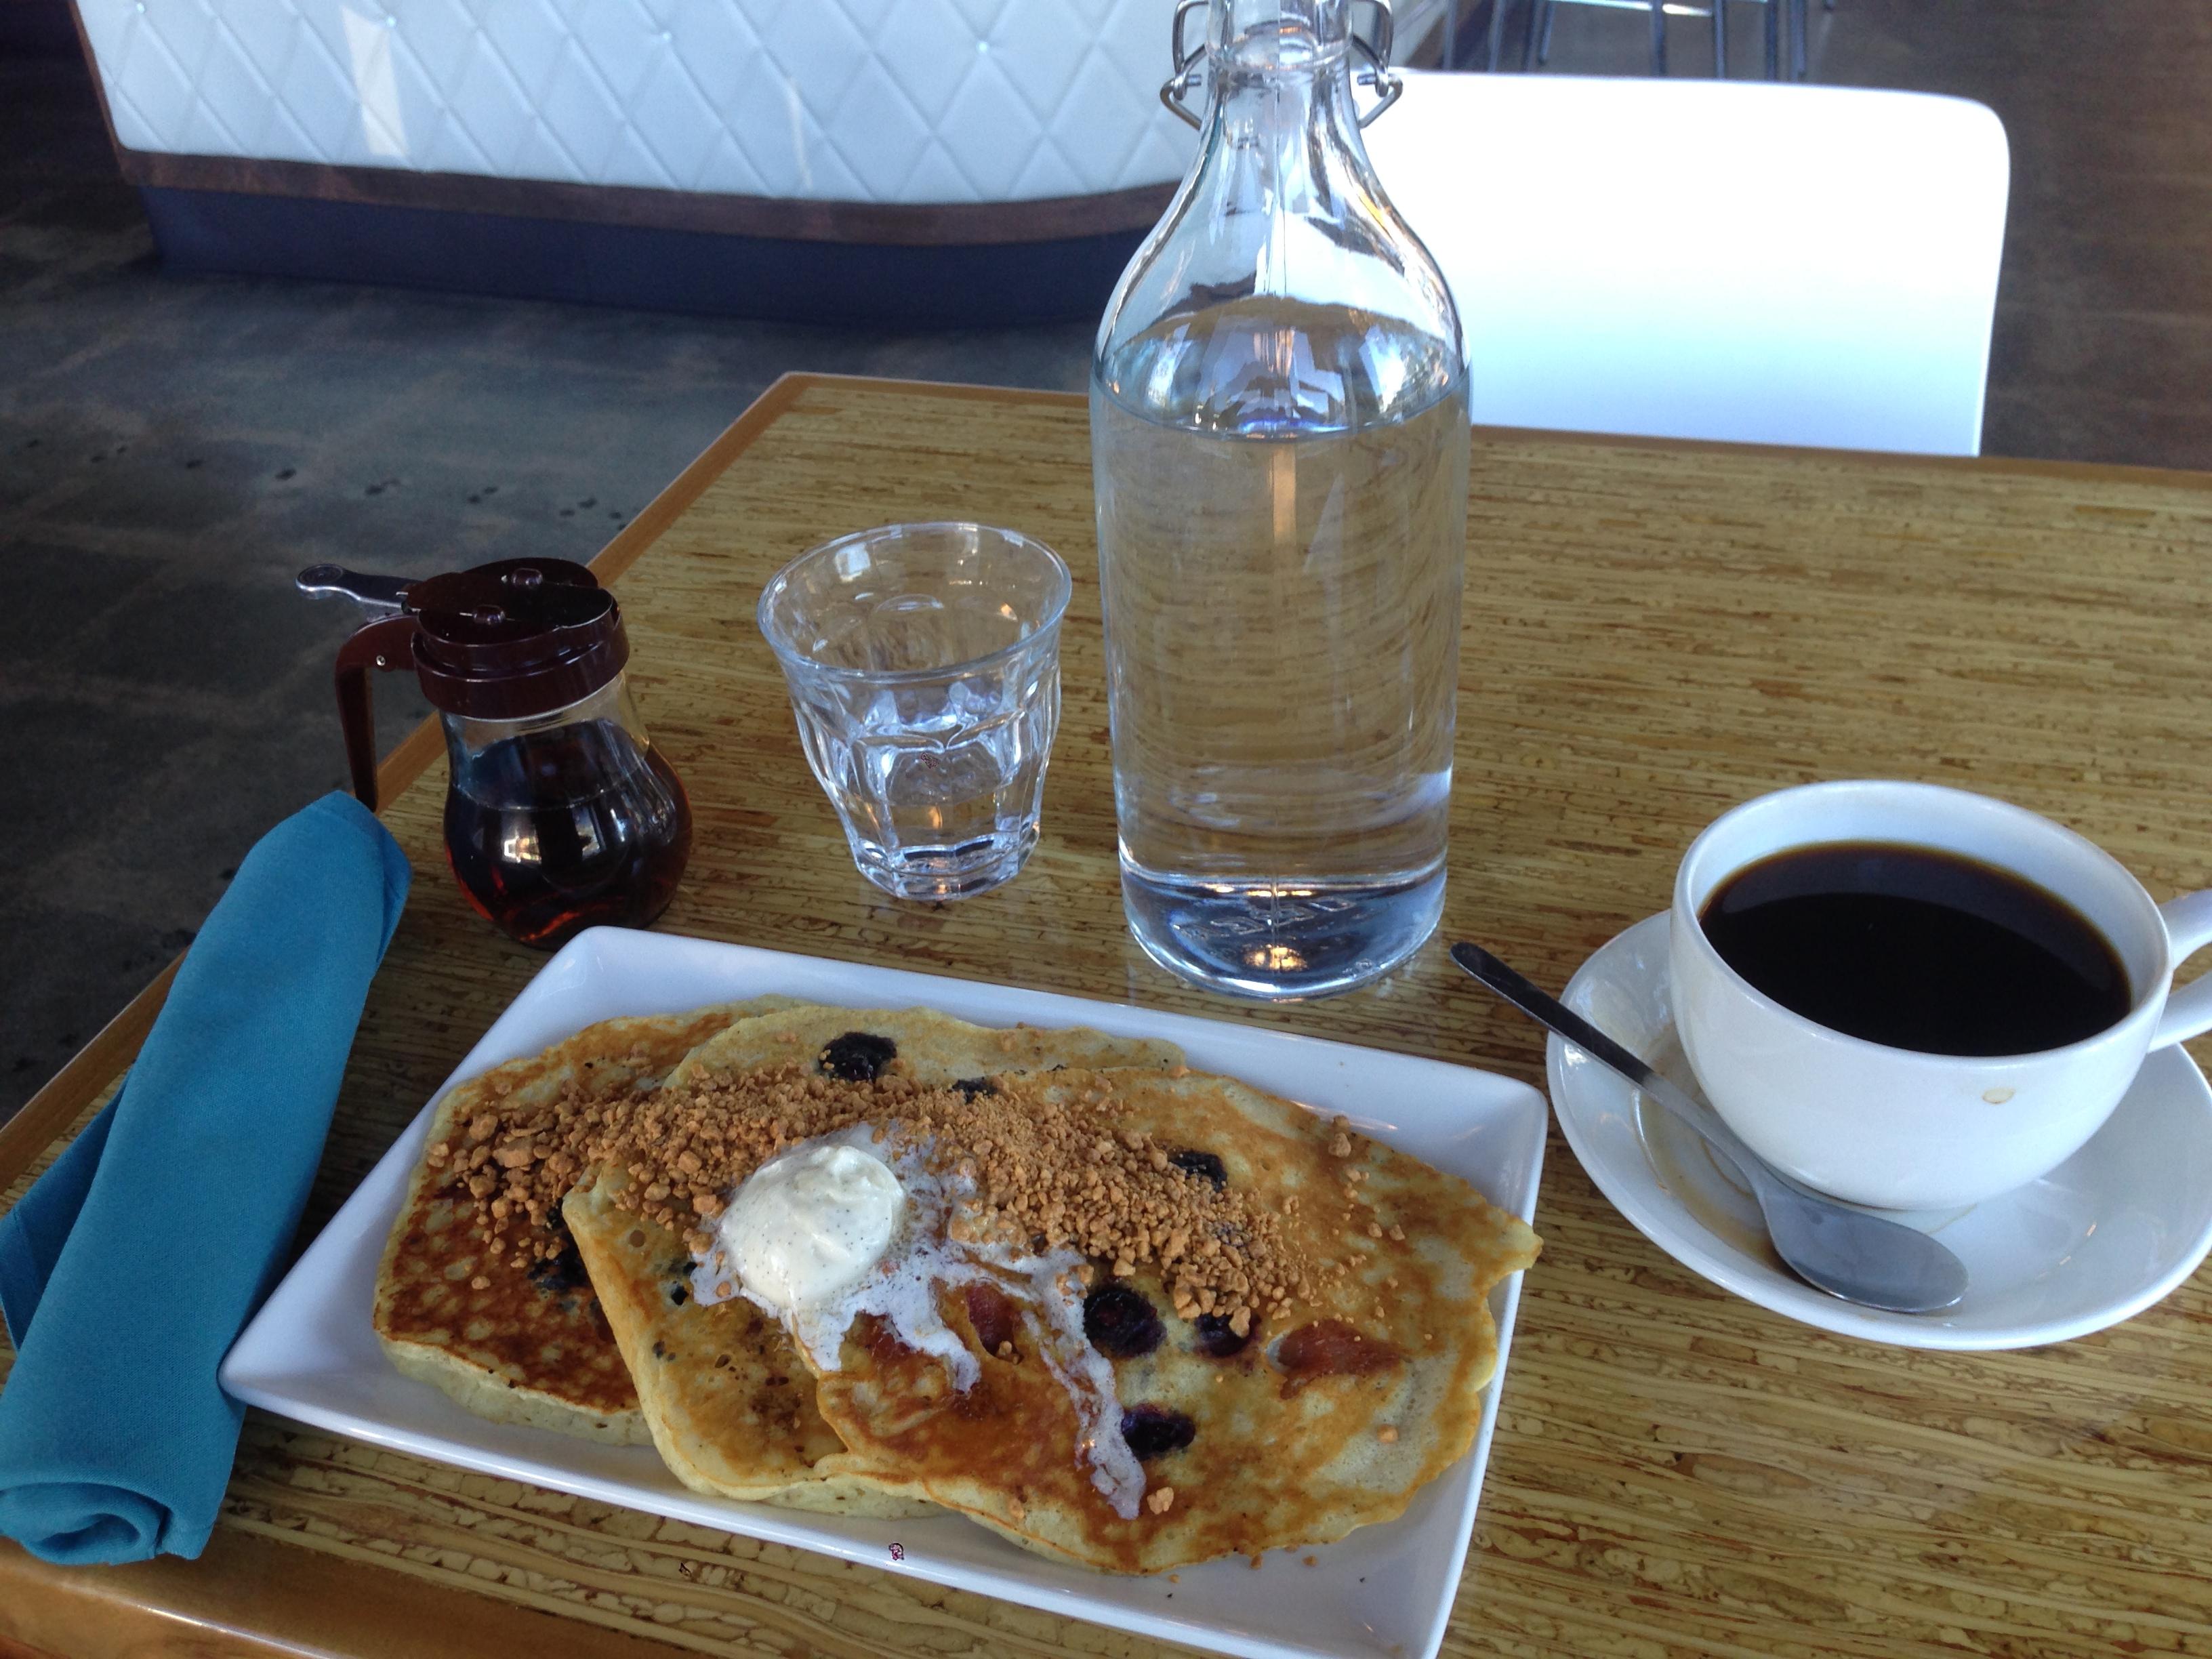 Breakfast. I mean, brunch.